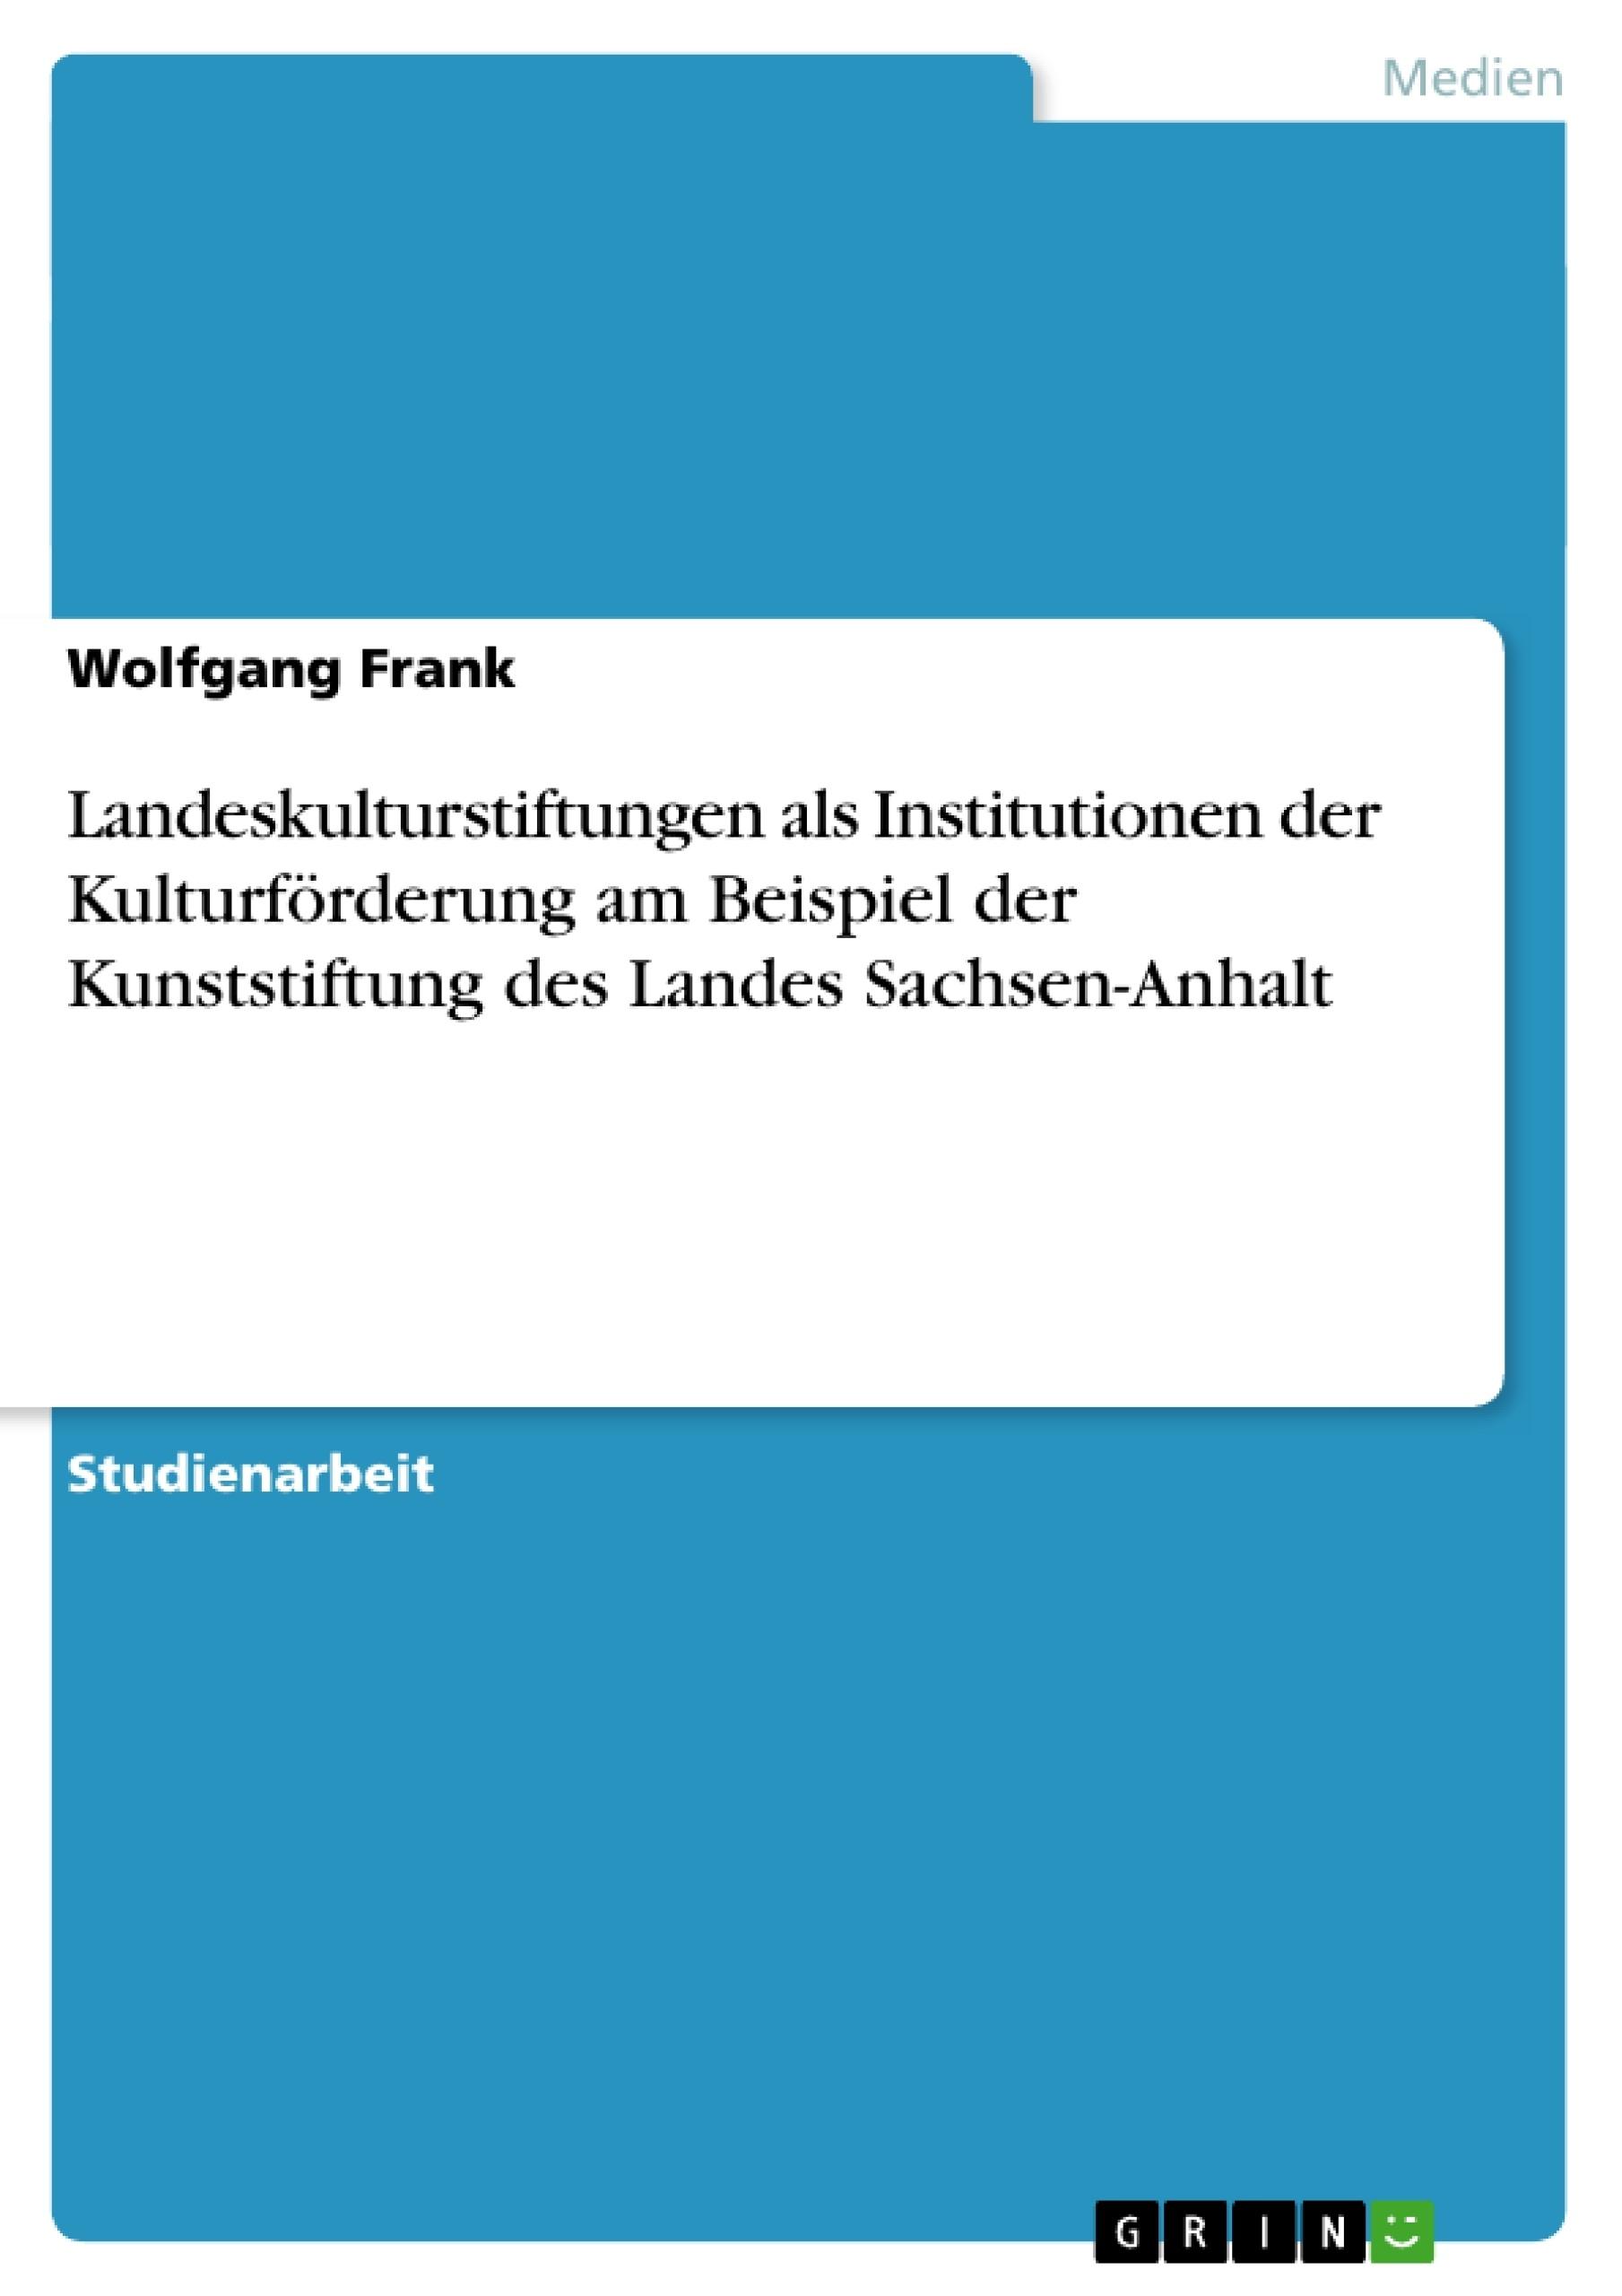 Titel: Landeskulturstiftungen als Institutionen der Kulturförderung am Beispiel der Kunststiftung des Landes Sachsen-Anhalt